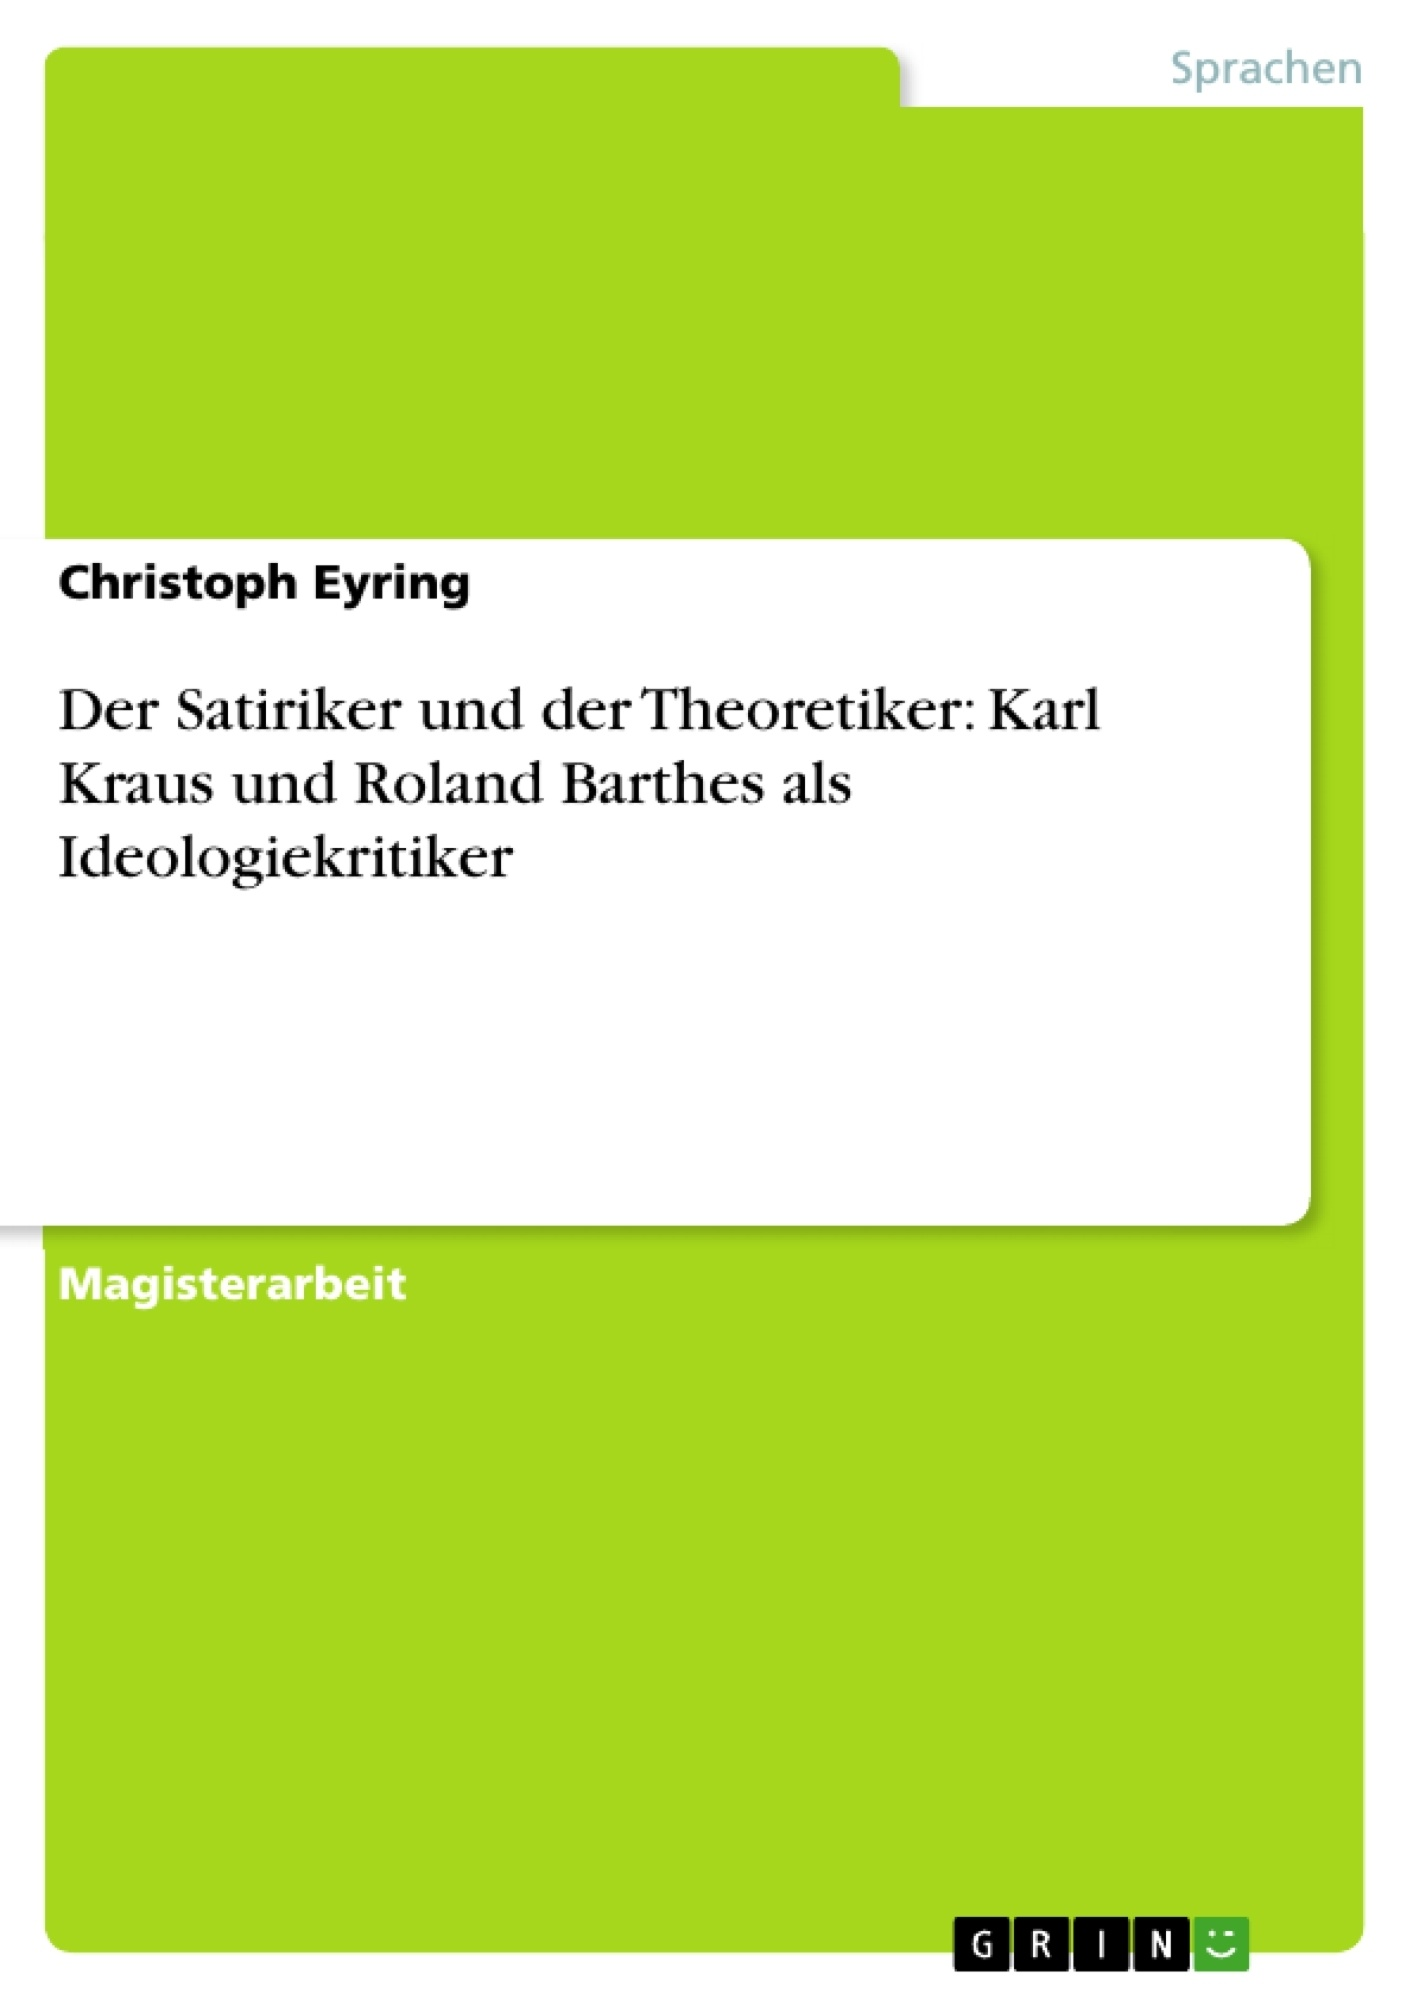 Titel: Der Satiriker und der Theoretiker: Karl Kraus und Roland Barthes als Ideologiekritiker